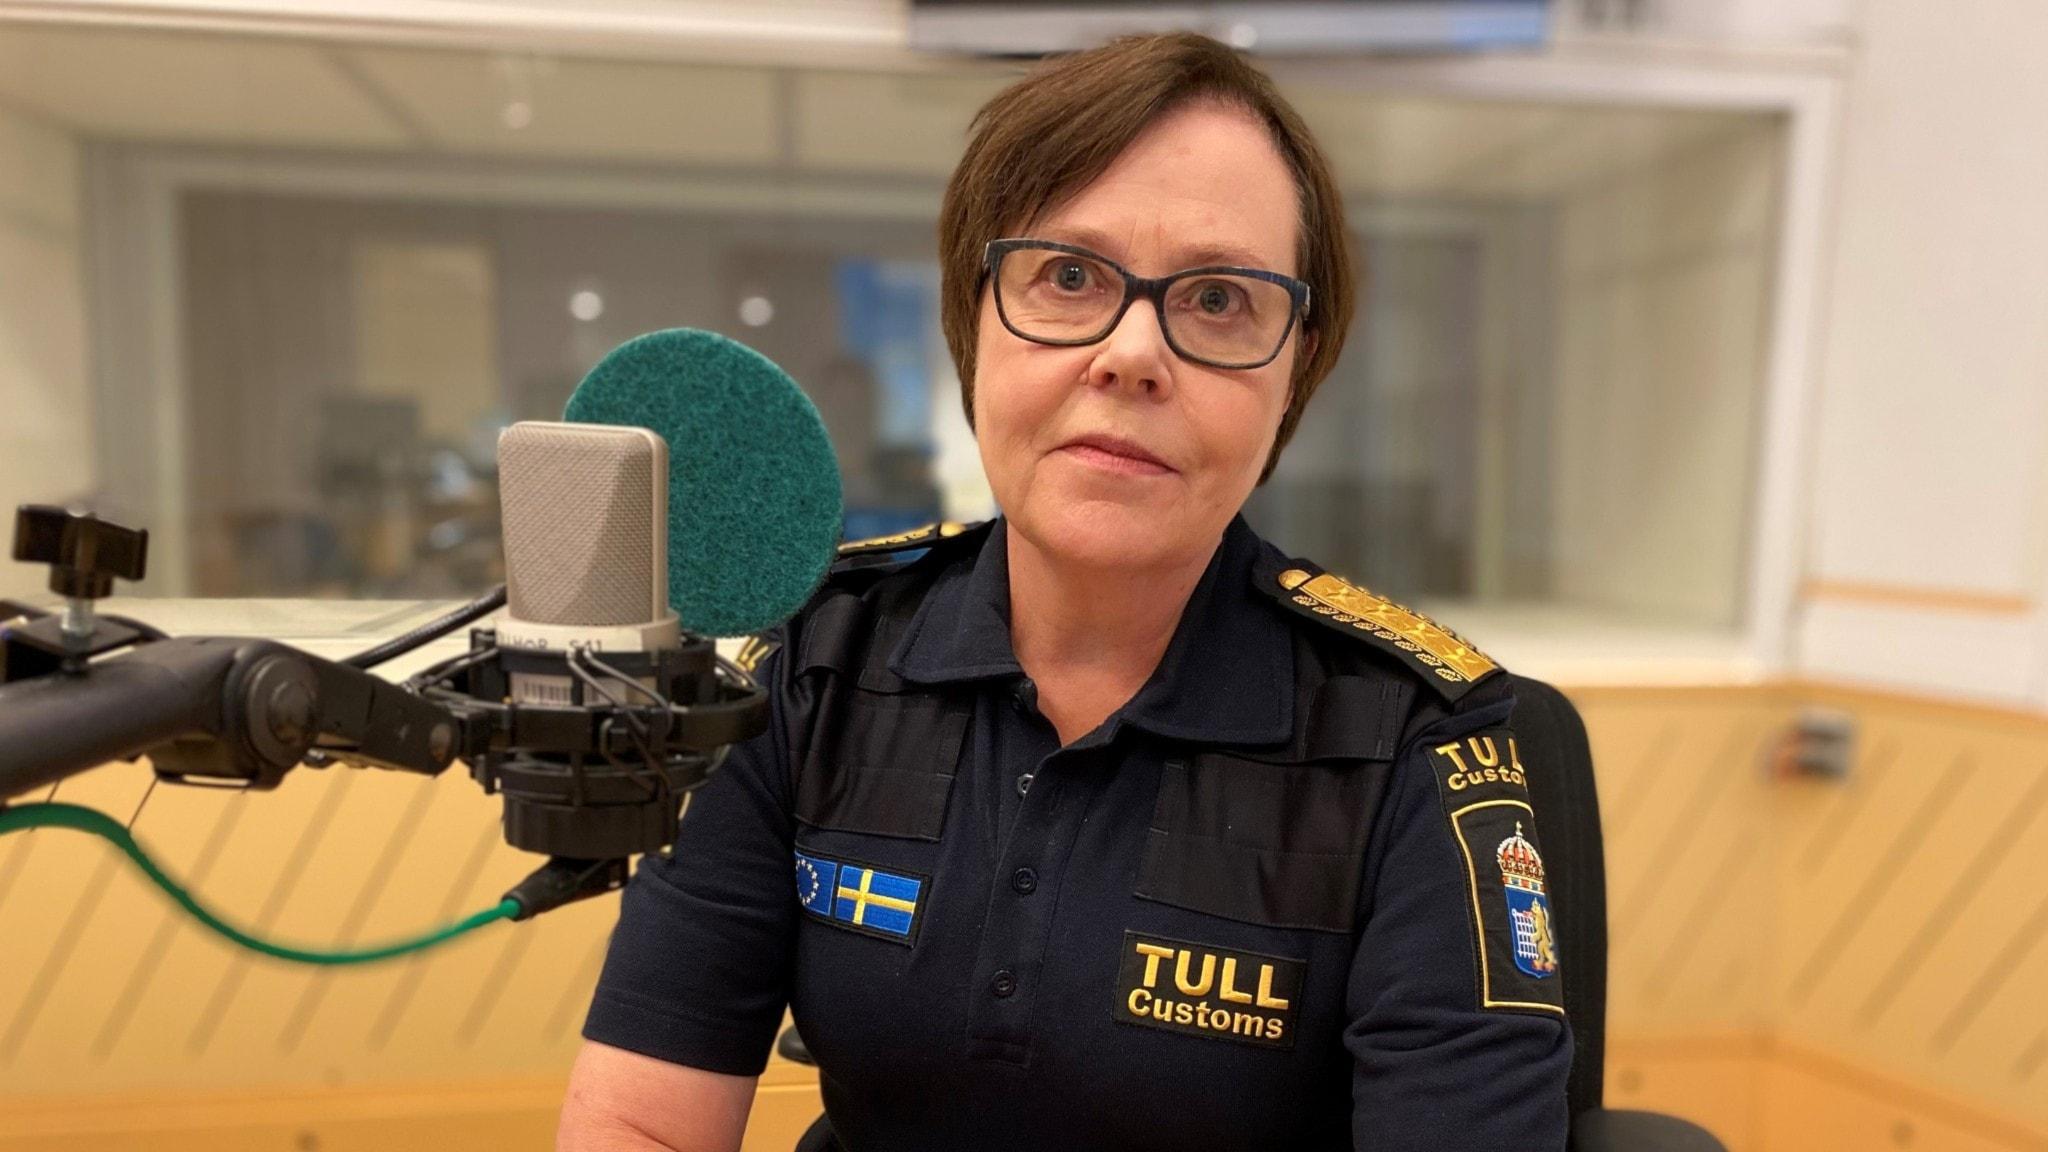 Tullverkets generaldirektör Charlotte Svensson är gäst i Ekots lördagsintervju.